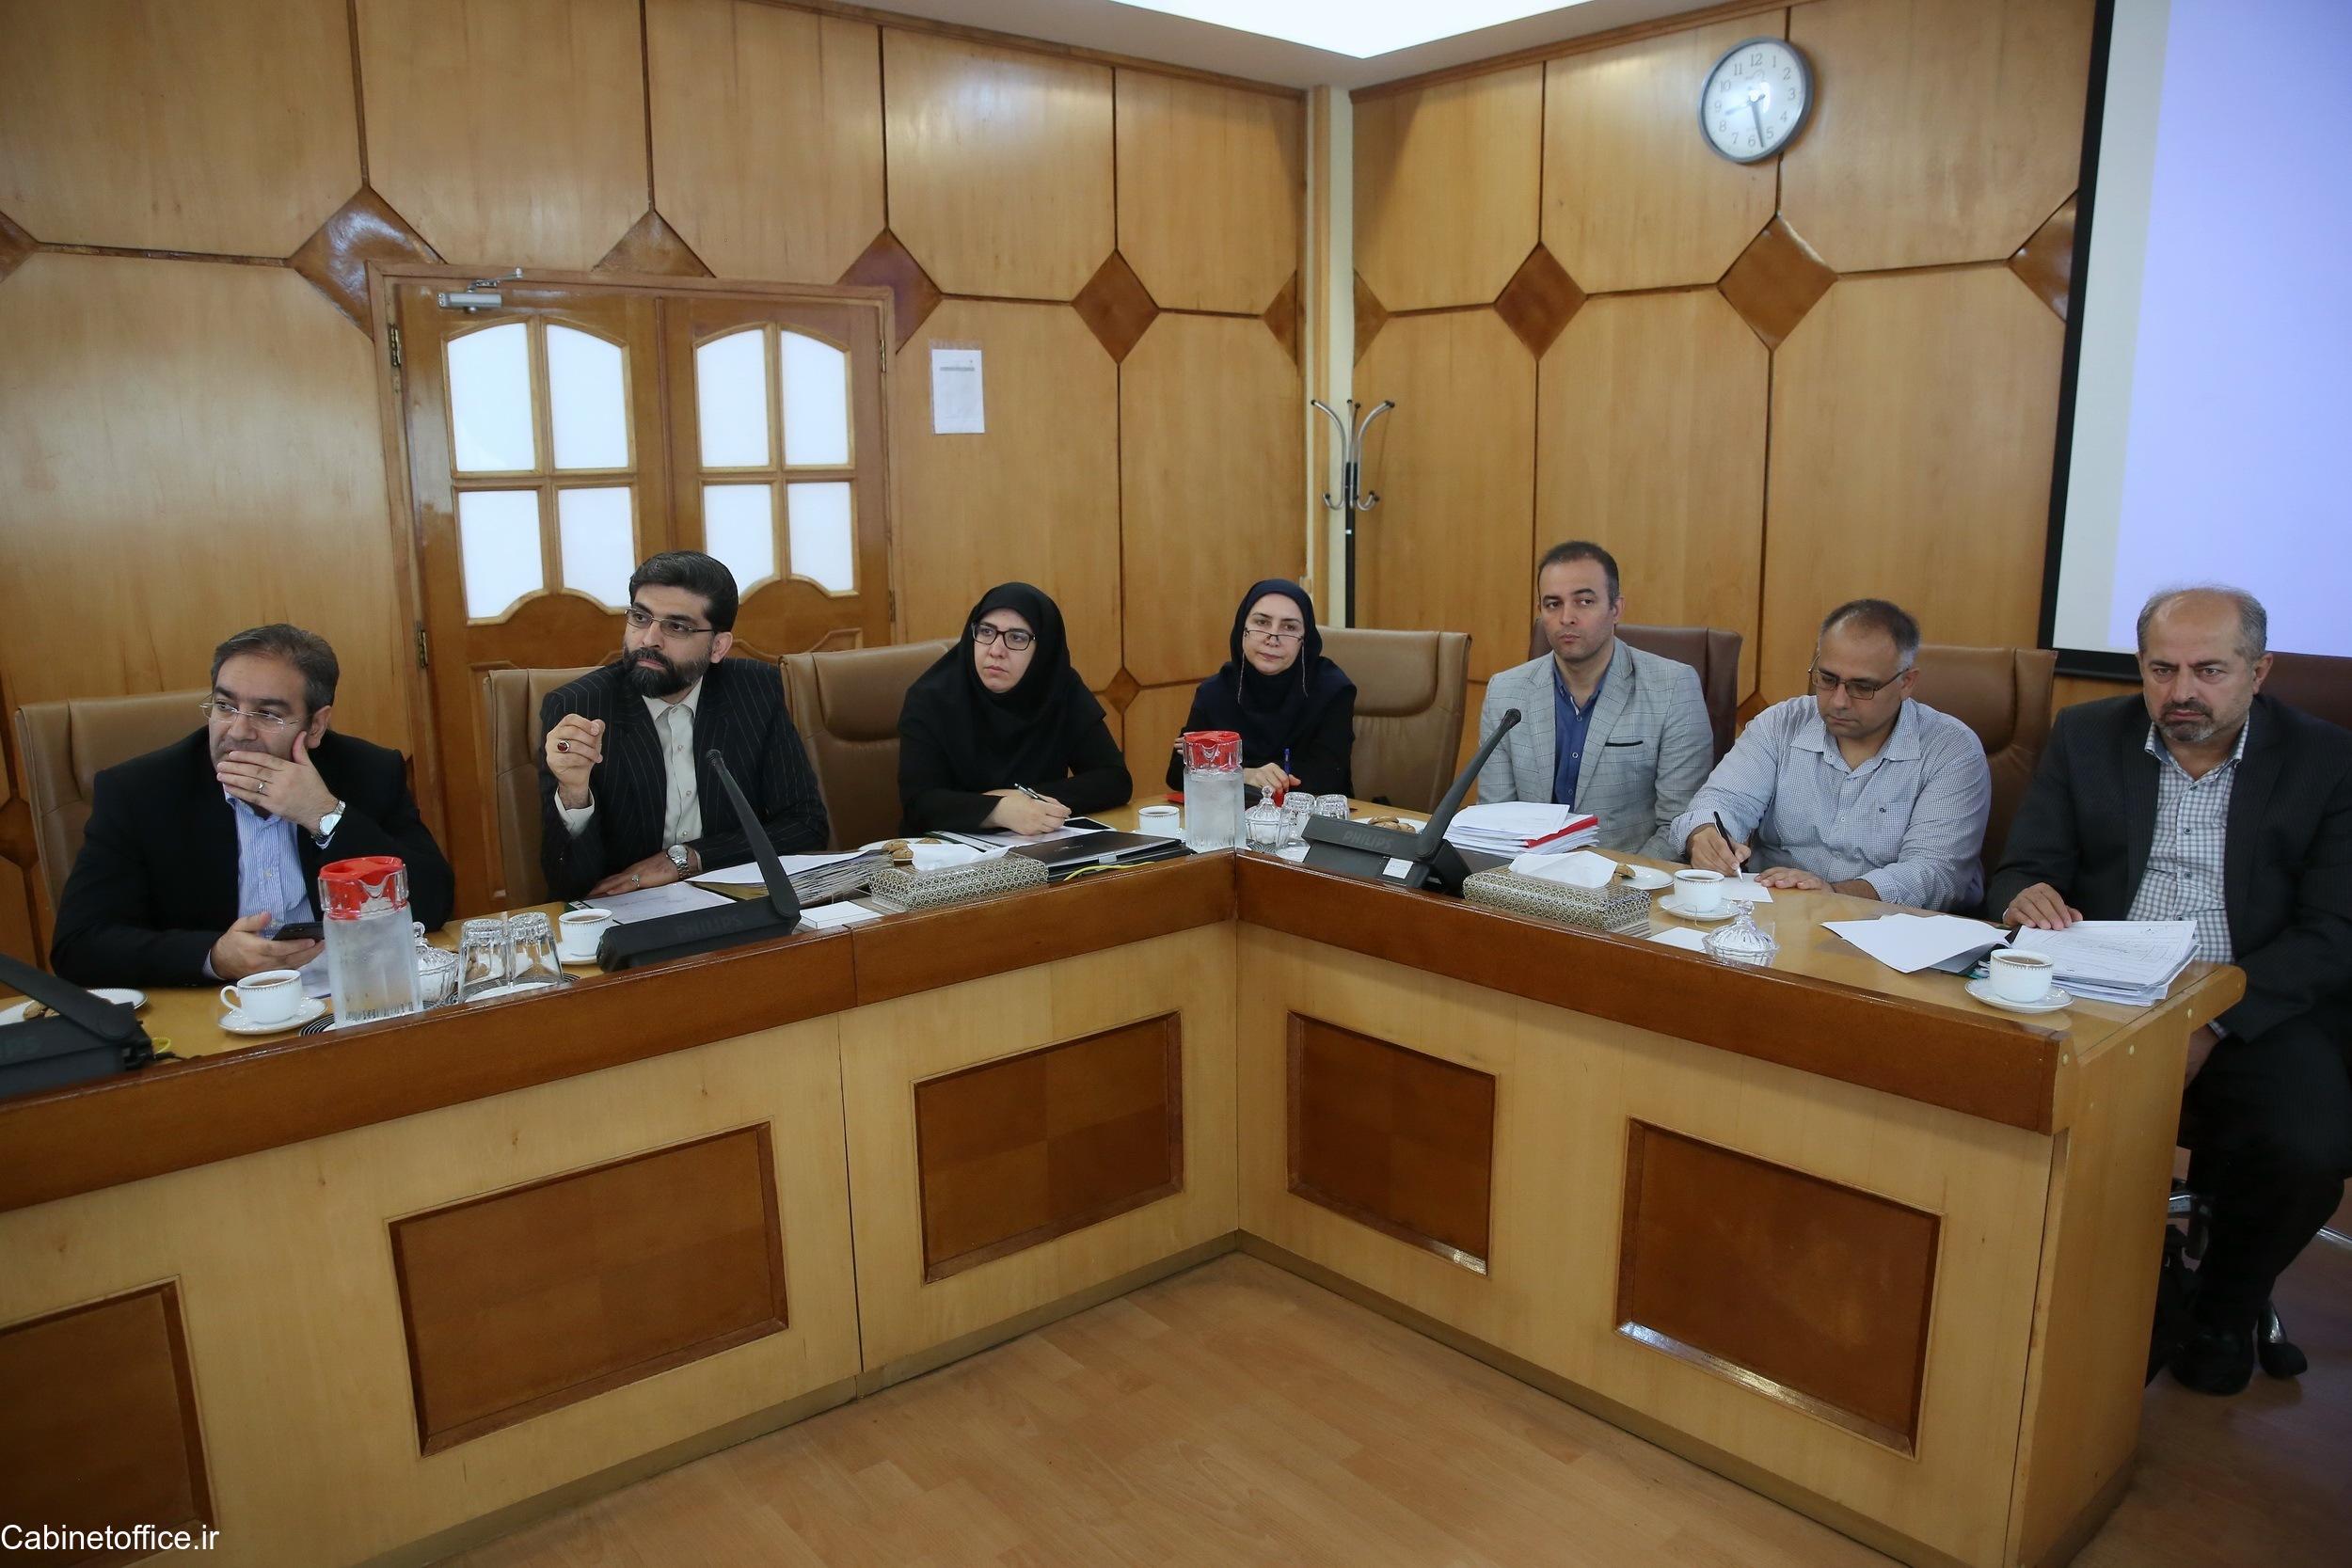 تشکیل جلسه اصلی کمیسیون اقتصاد در تاریخ ۱۰ تیر ماه ۱۳۹۸